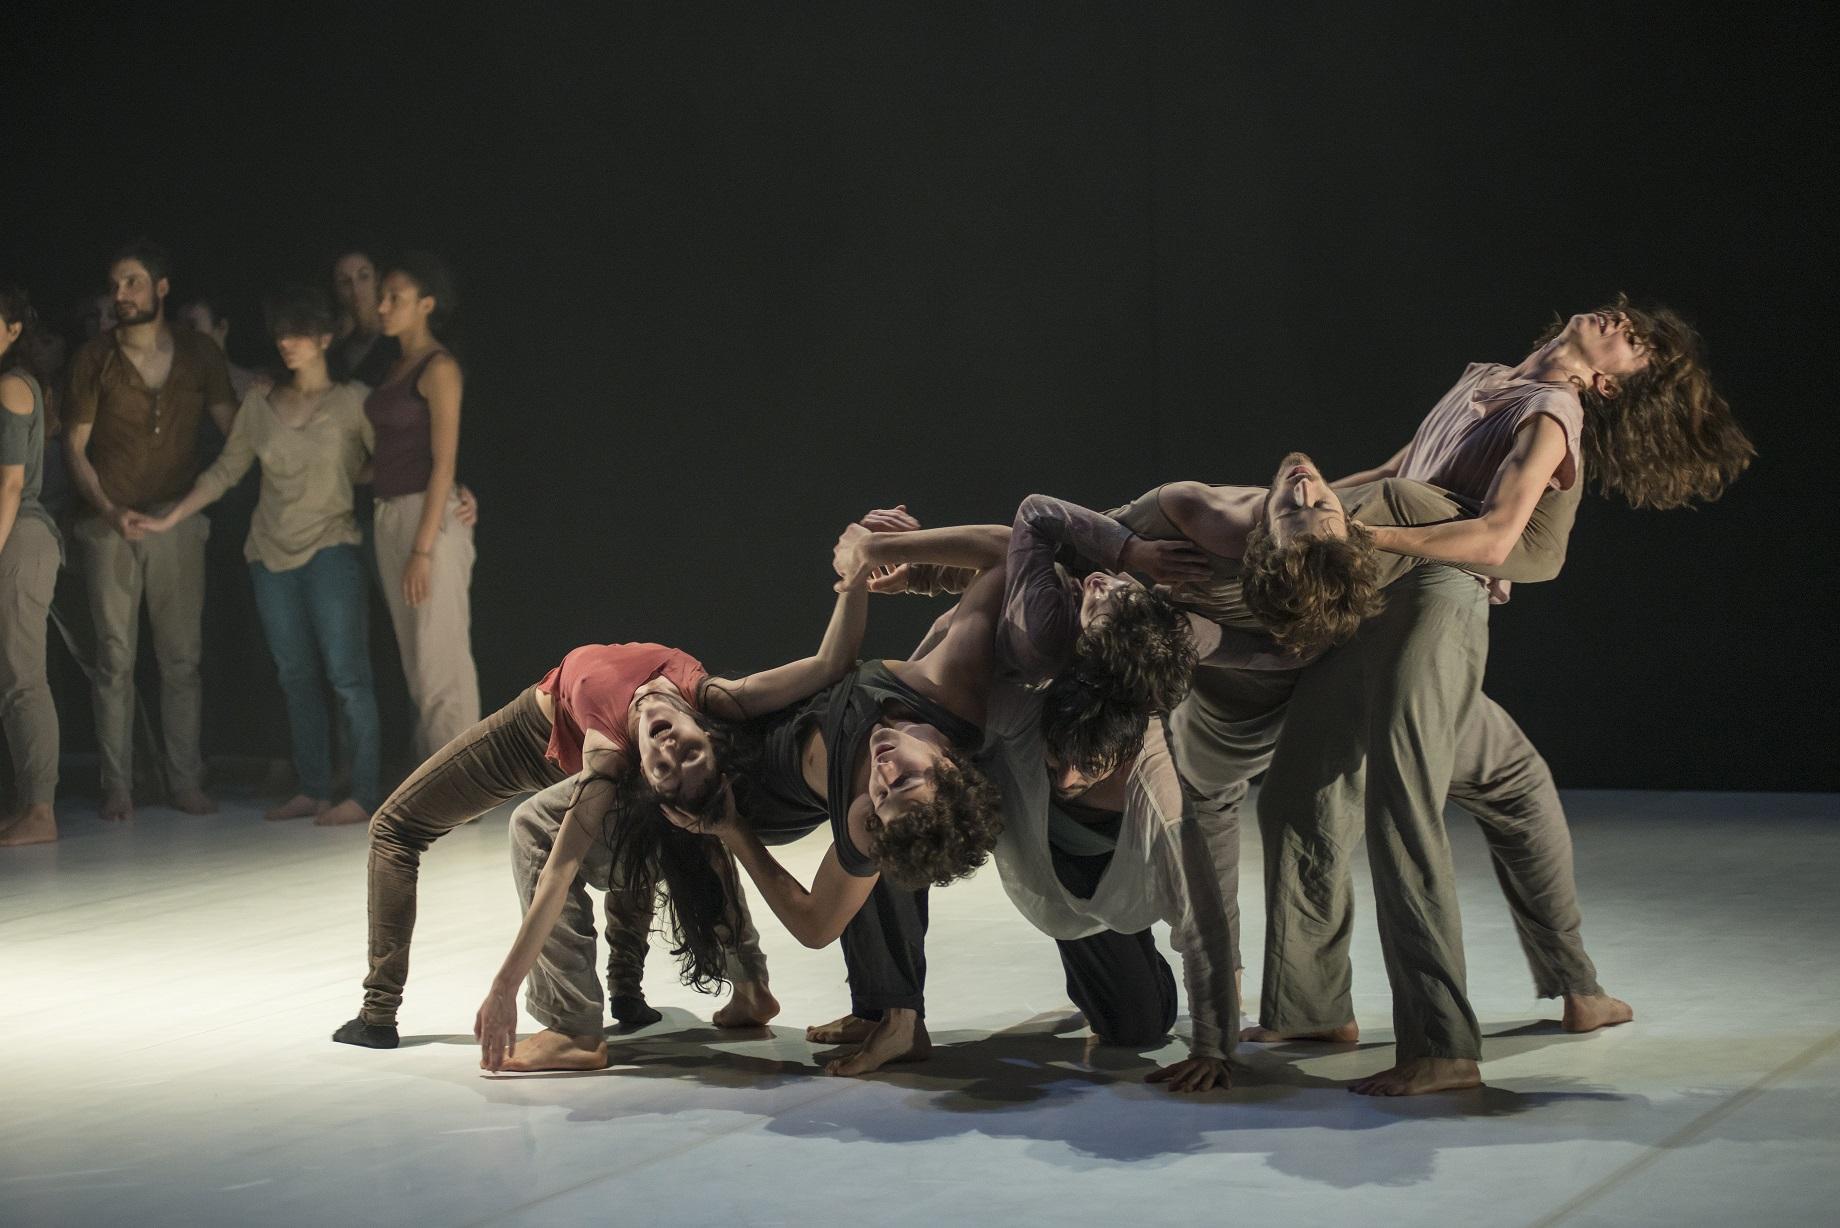 Η Compañía Sharon Fridman στο 24ο Διεθνές Φεστιβάλ Χορού Καλαμάτας | Free Fall | ©Andrea Macchia